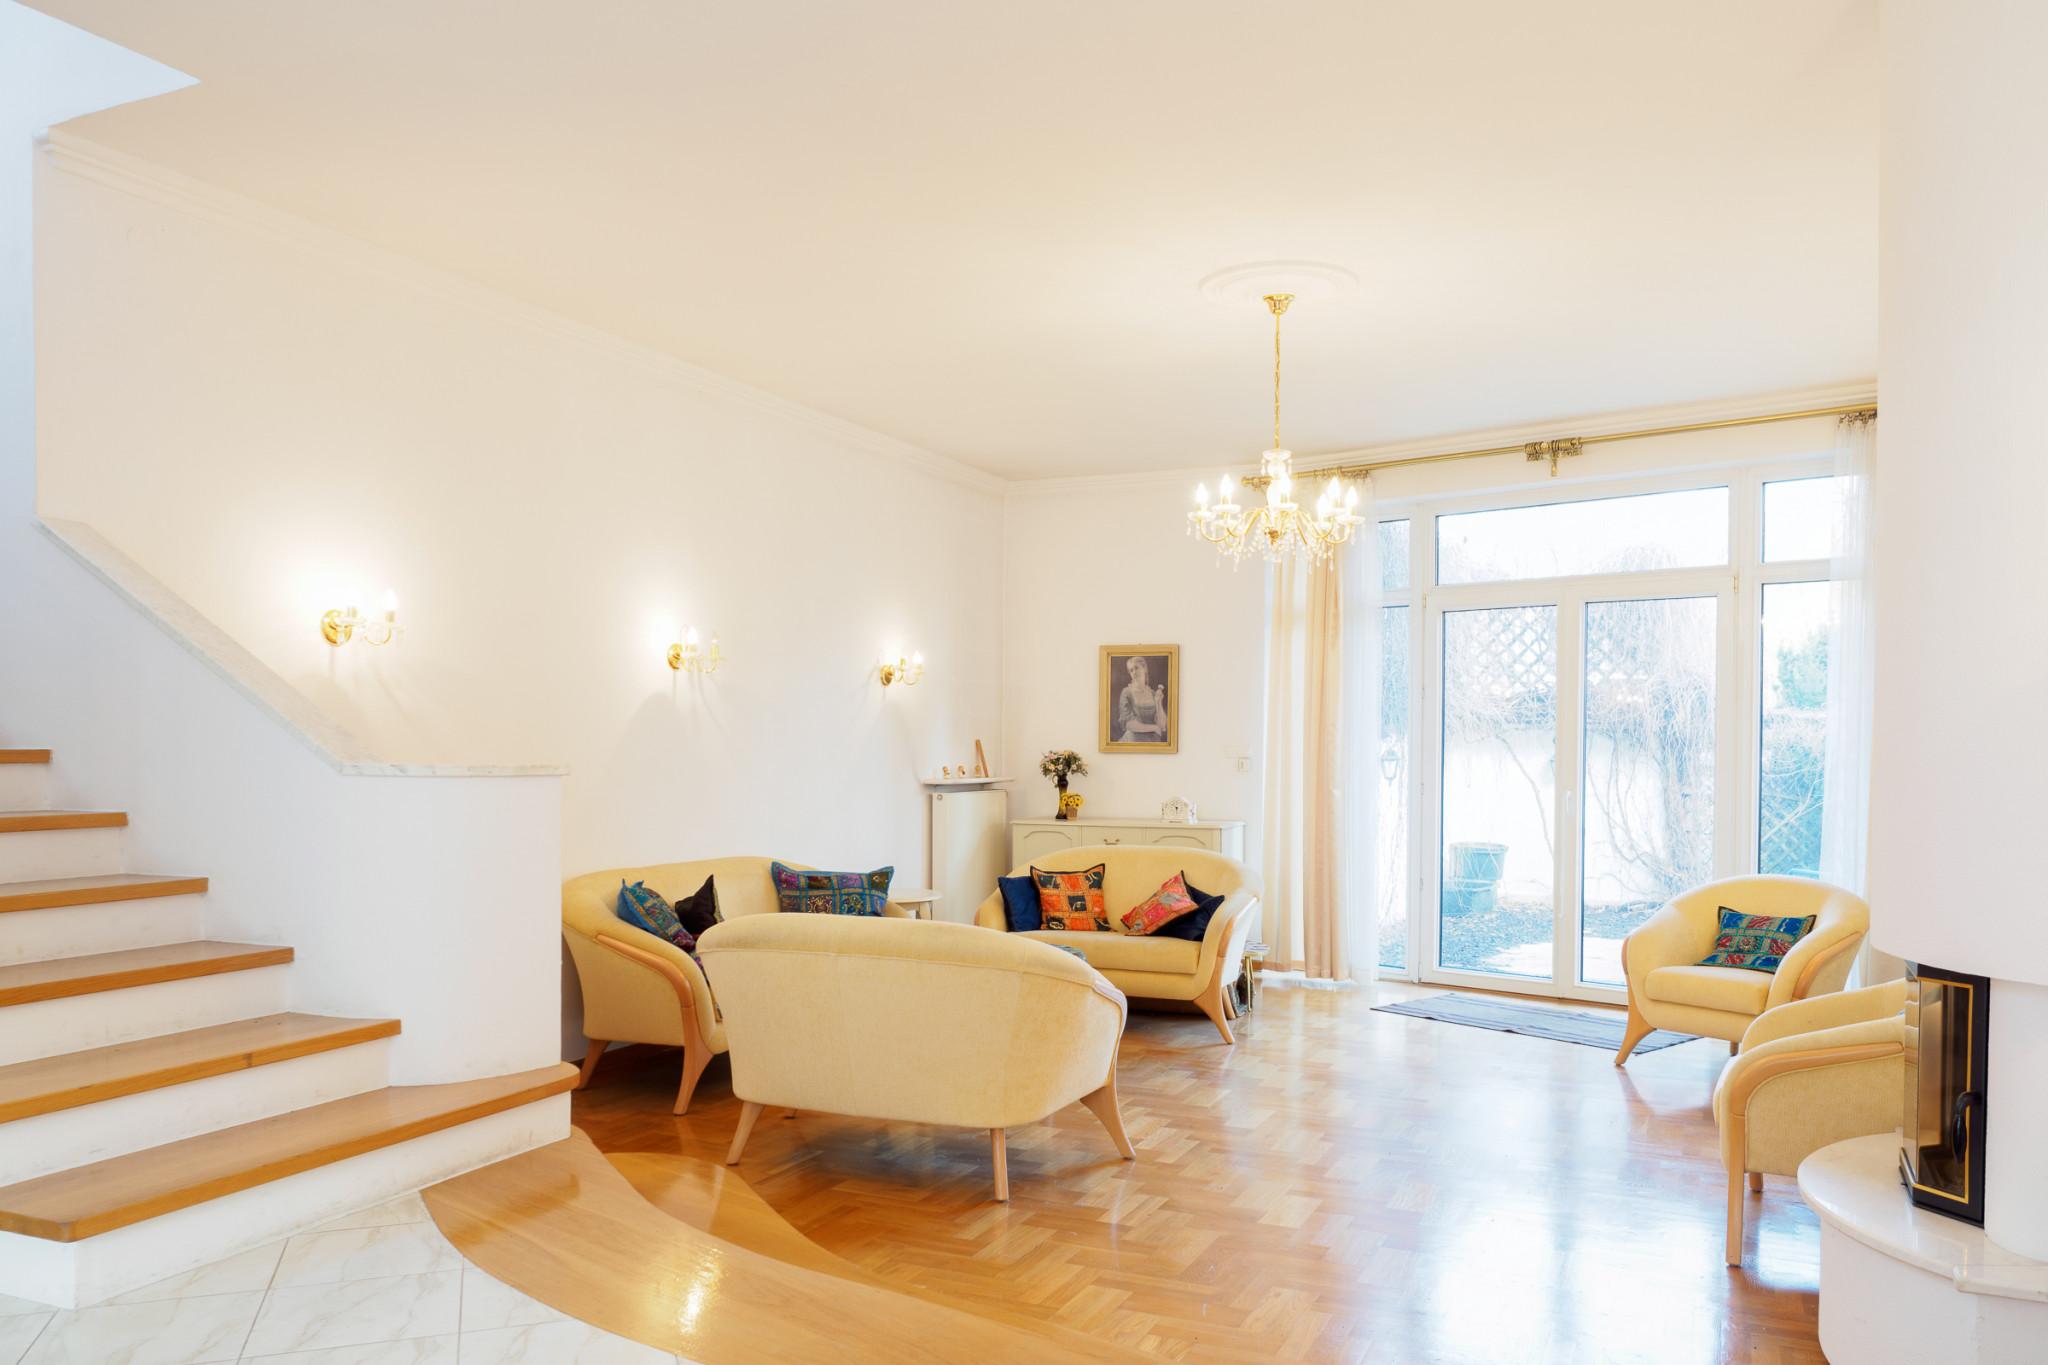 Dom do sprzedaży Wyględów - Mokotów ul. Fitelberga